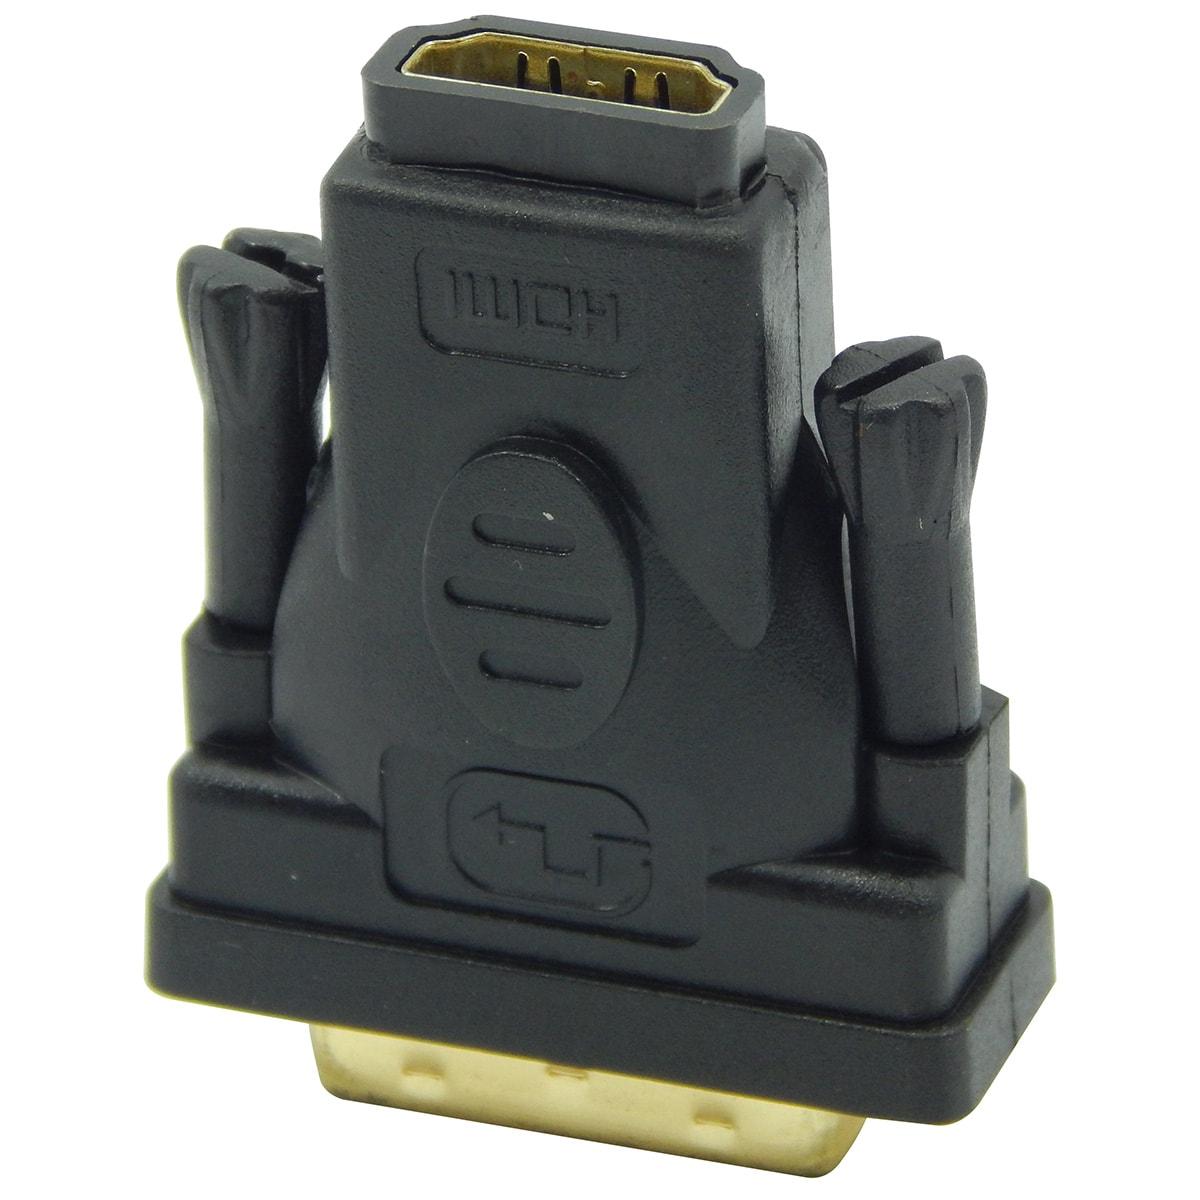 Adaptador DVI-D 24+1 Macho x HDMI Femea Xtrad XT568